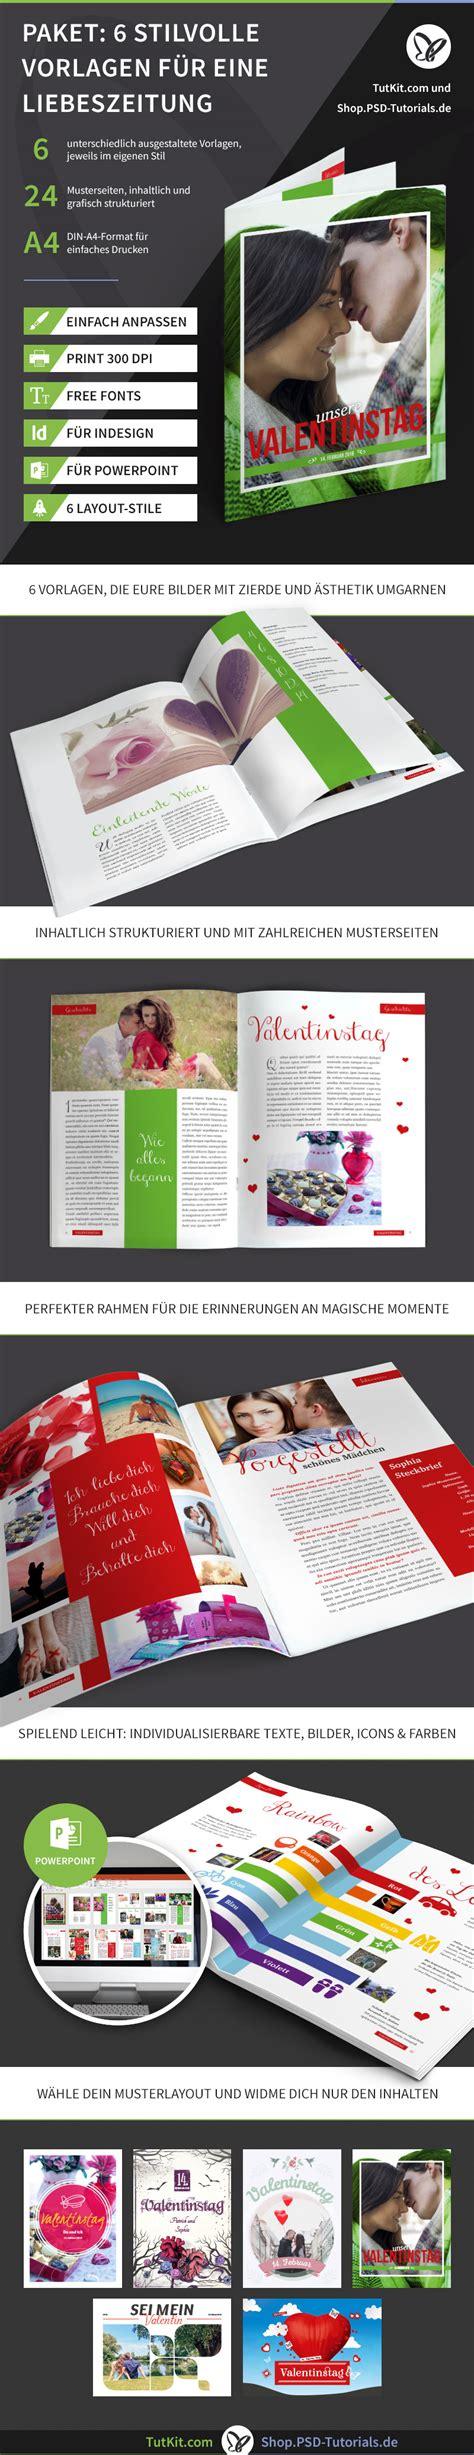 Design Hochzeitszeitung Vorlage hochzeitszeitung vorlage